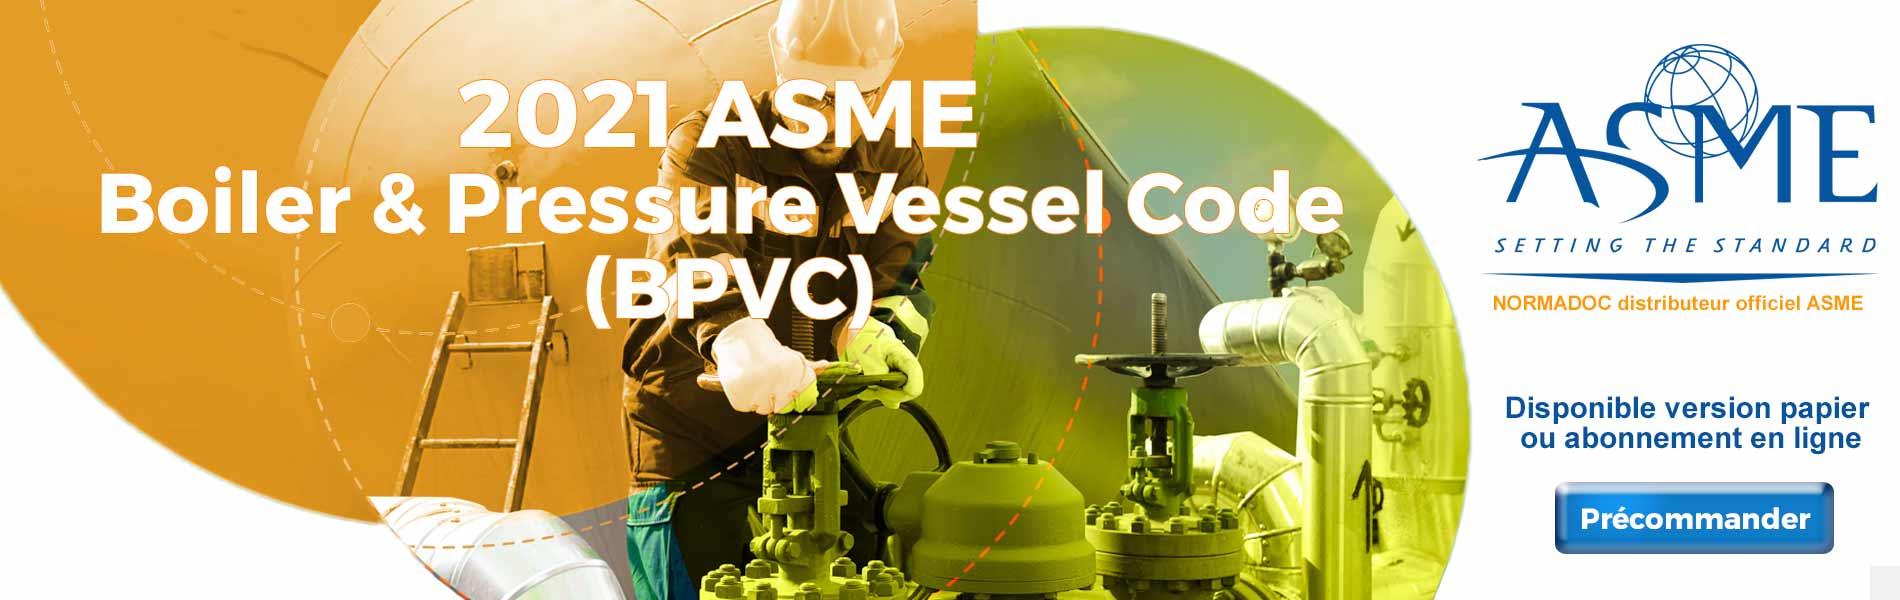 Bandeau-ASME-BPVC-2021-Normadoc-Slider